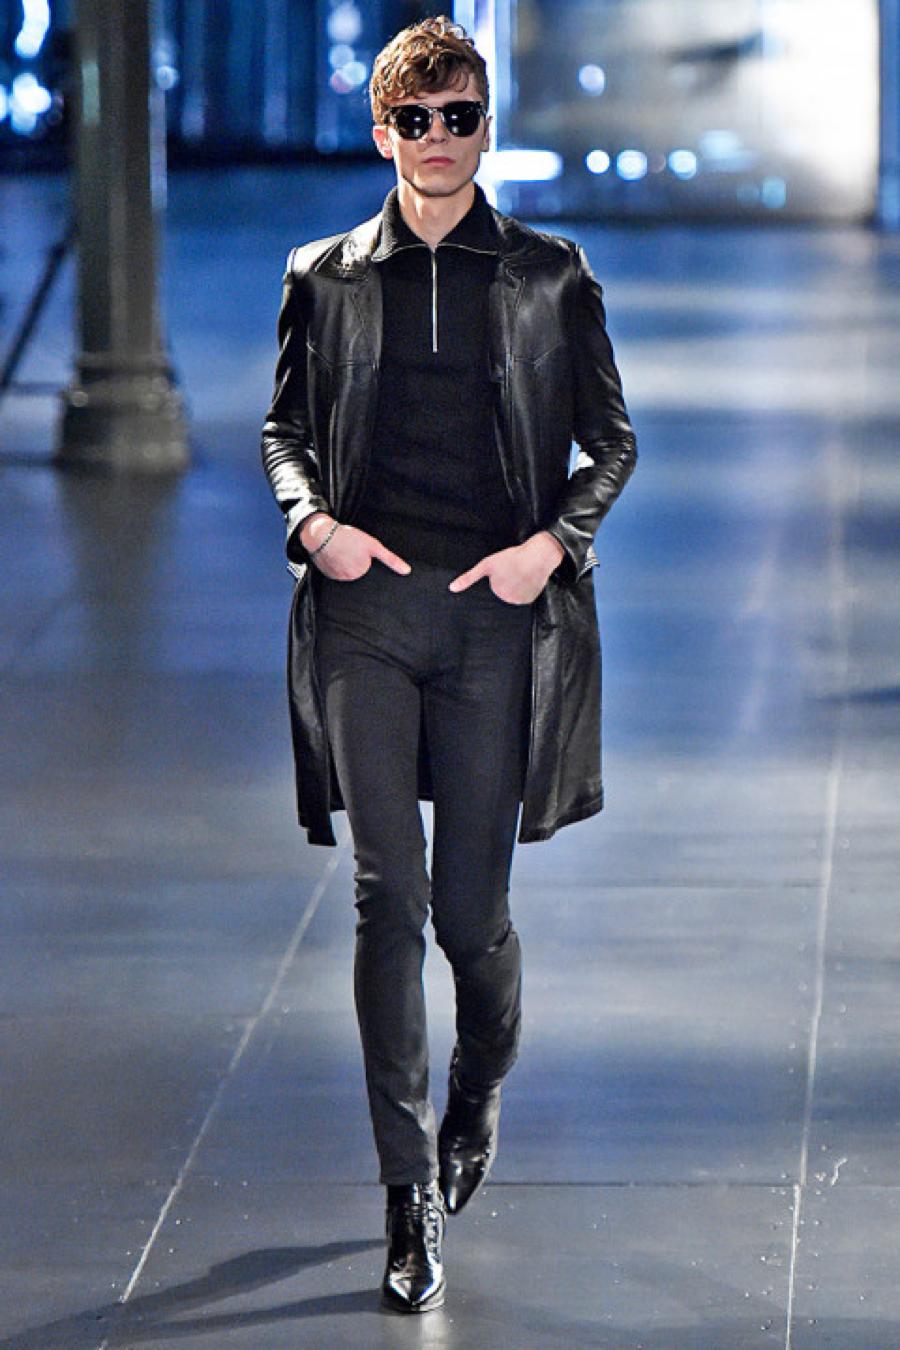 Hedi Slimane – Skinny jeans (Courtesy Dior Homme)